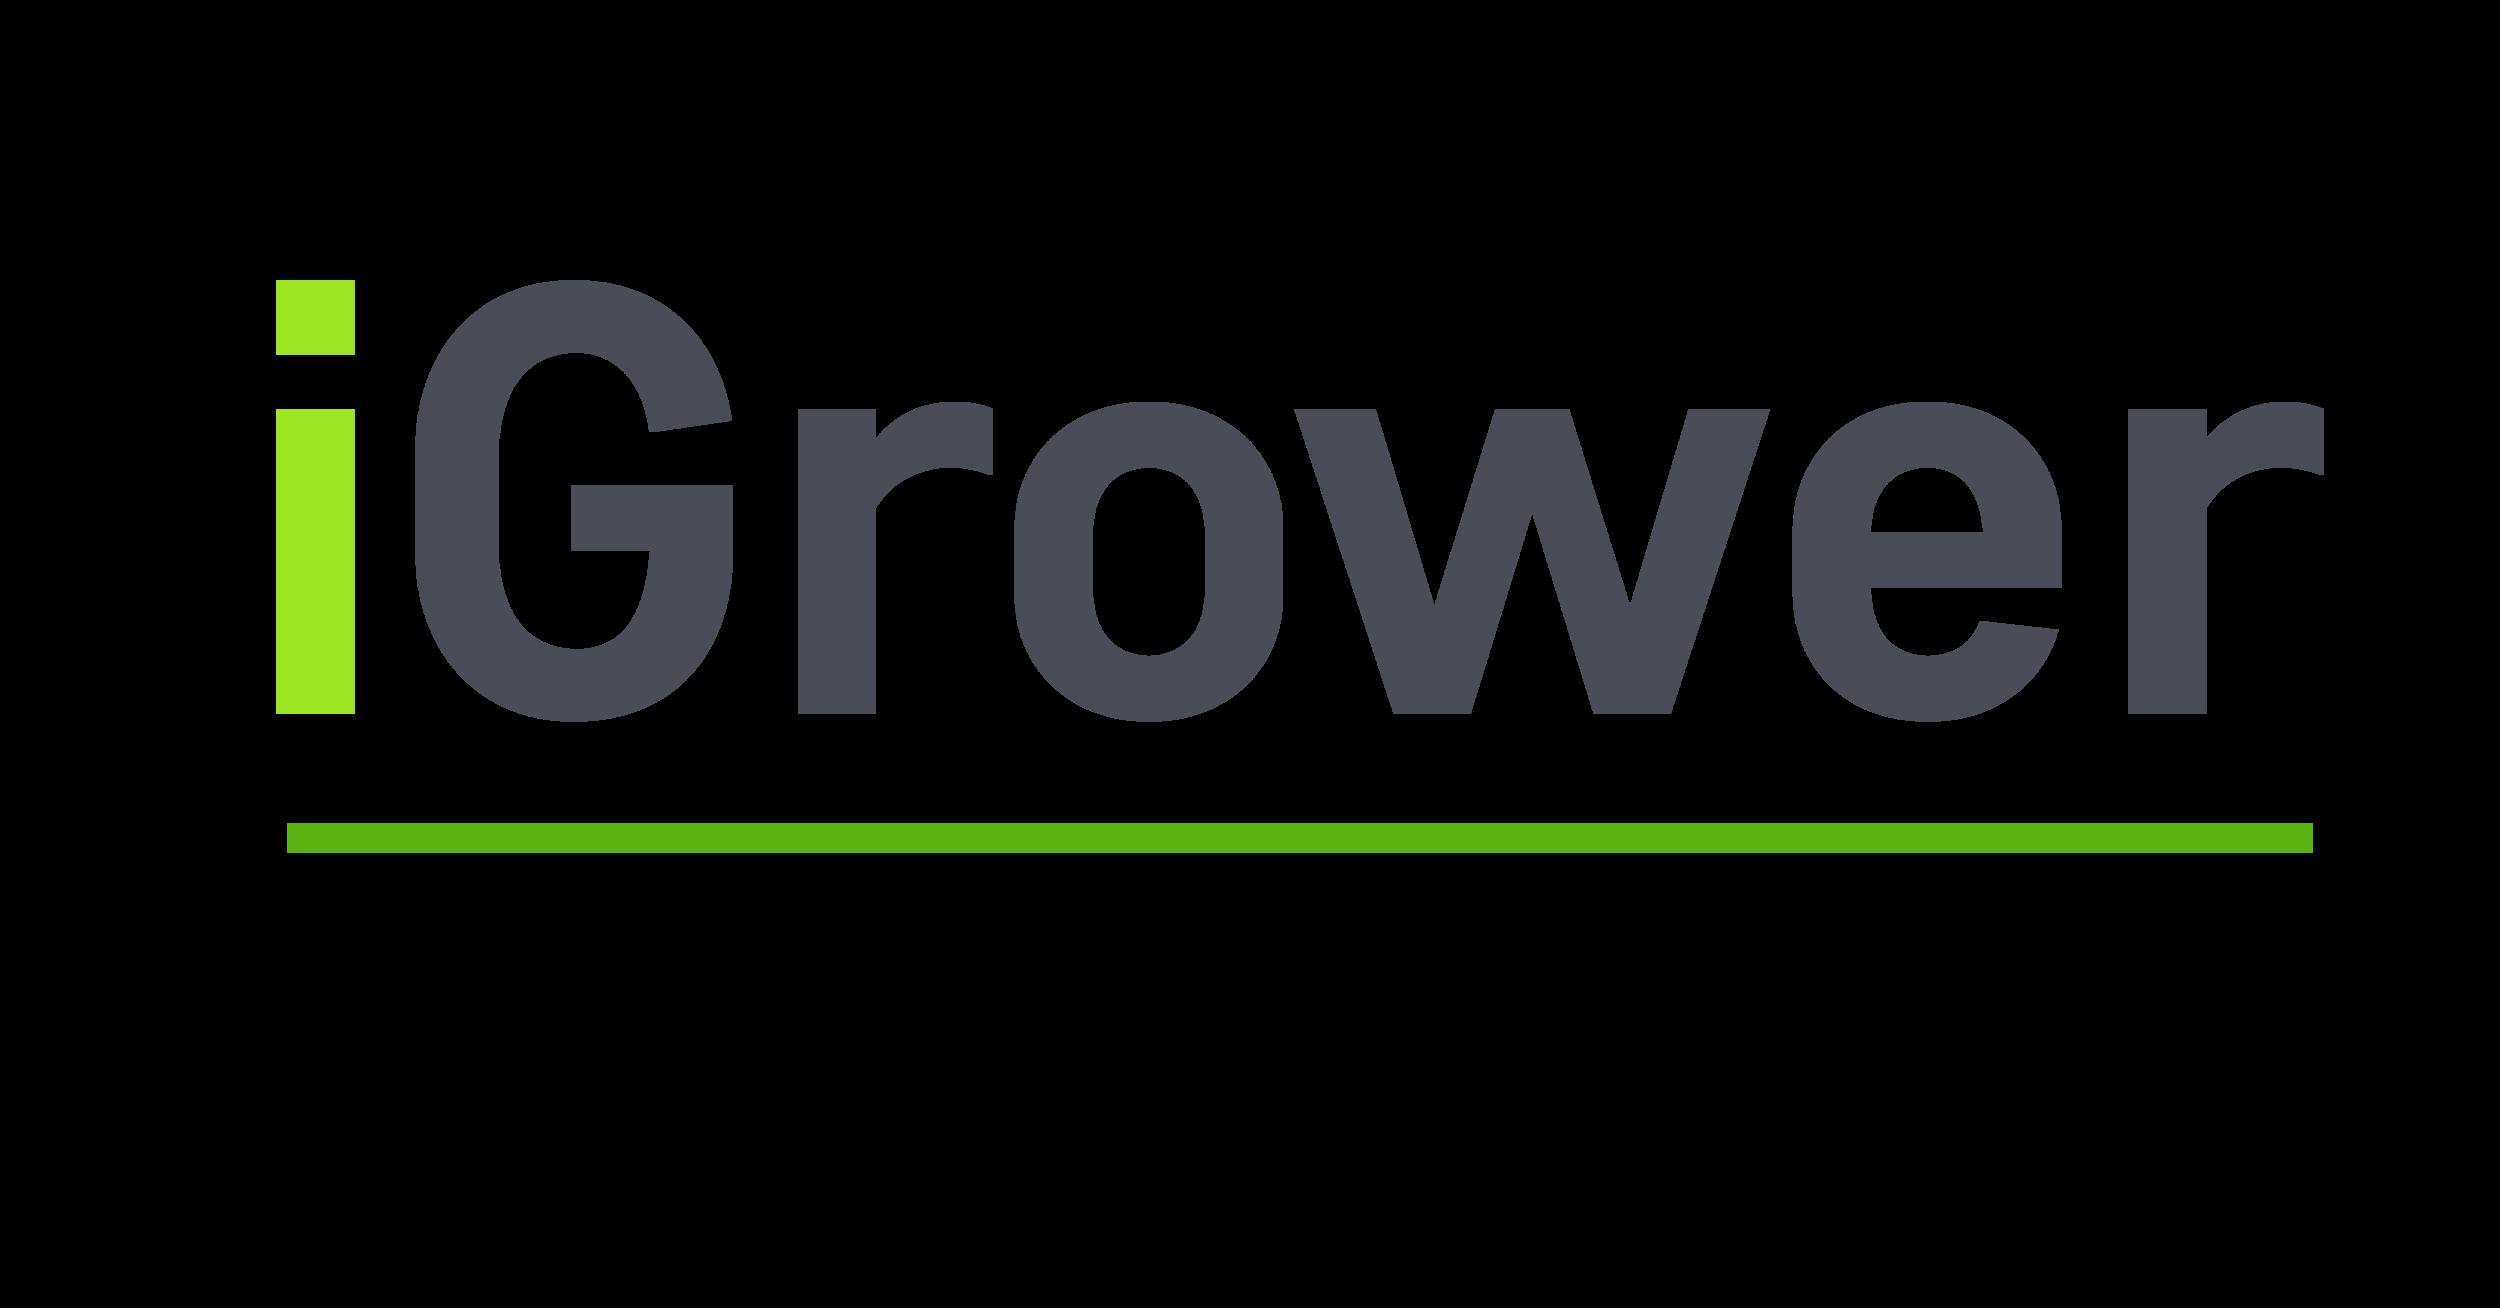 igrower logo.png